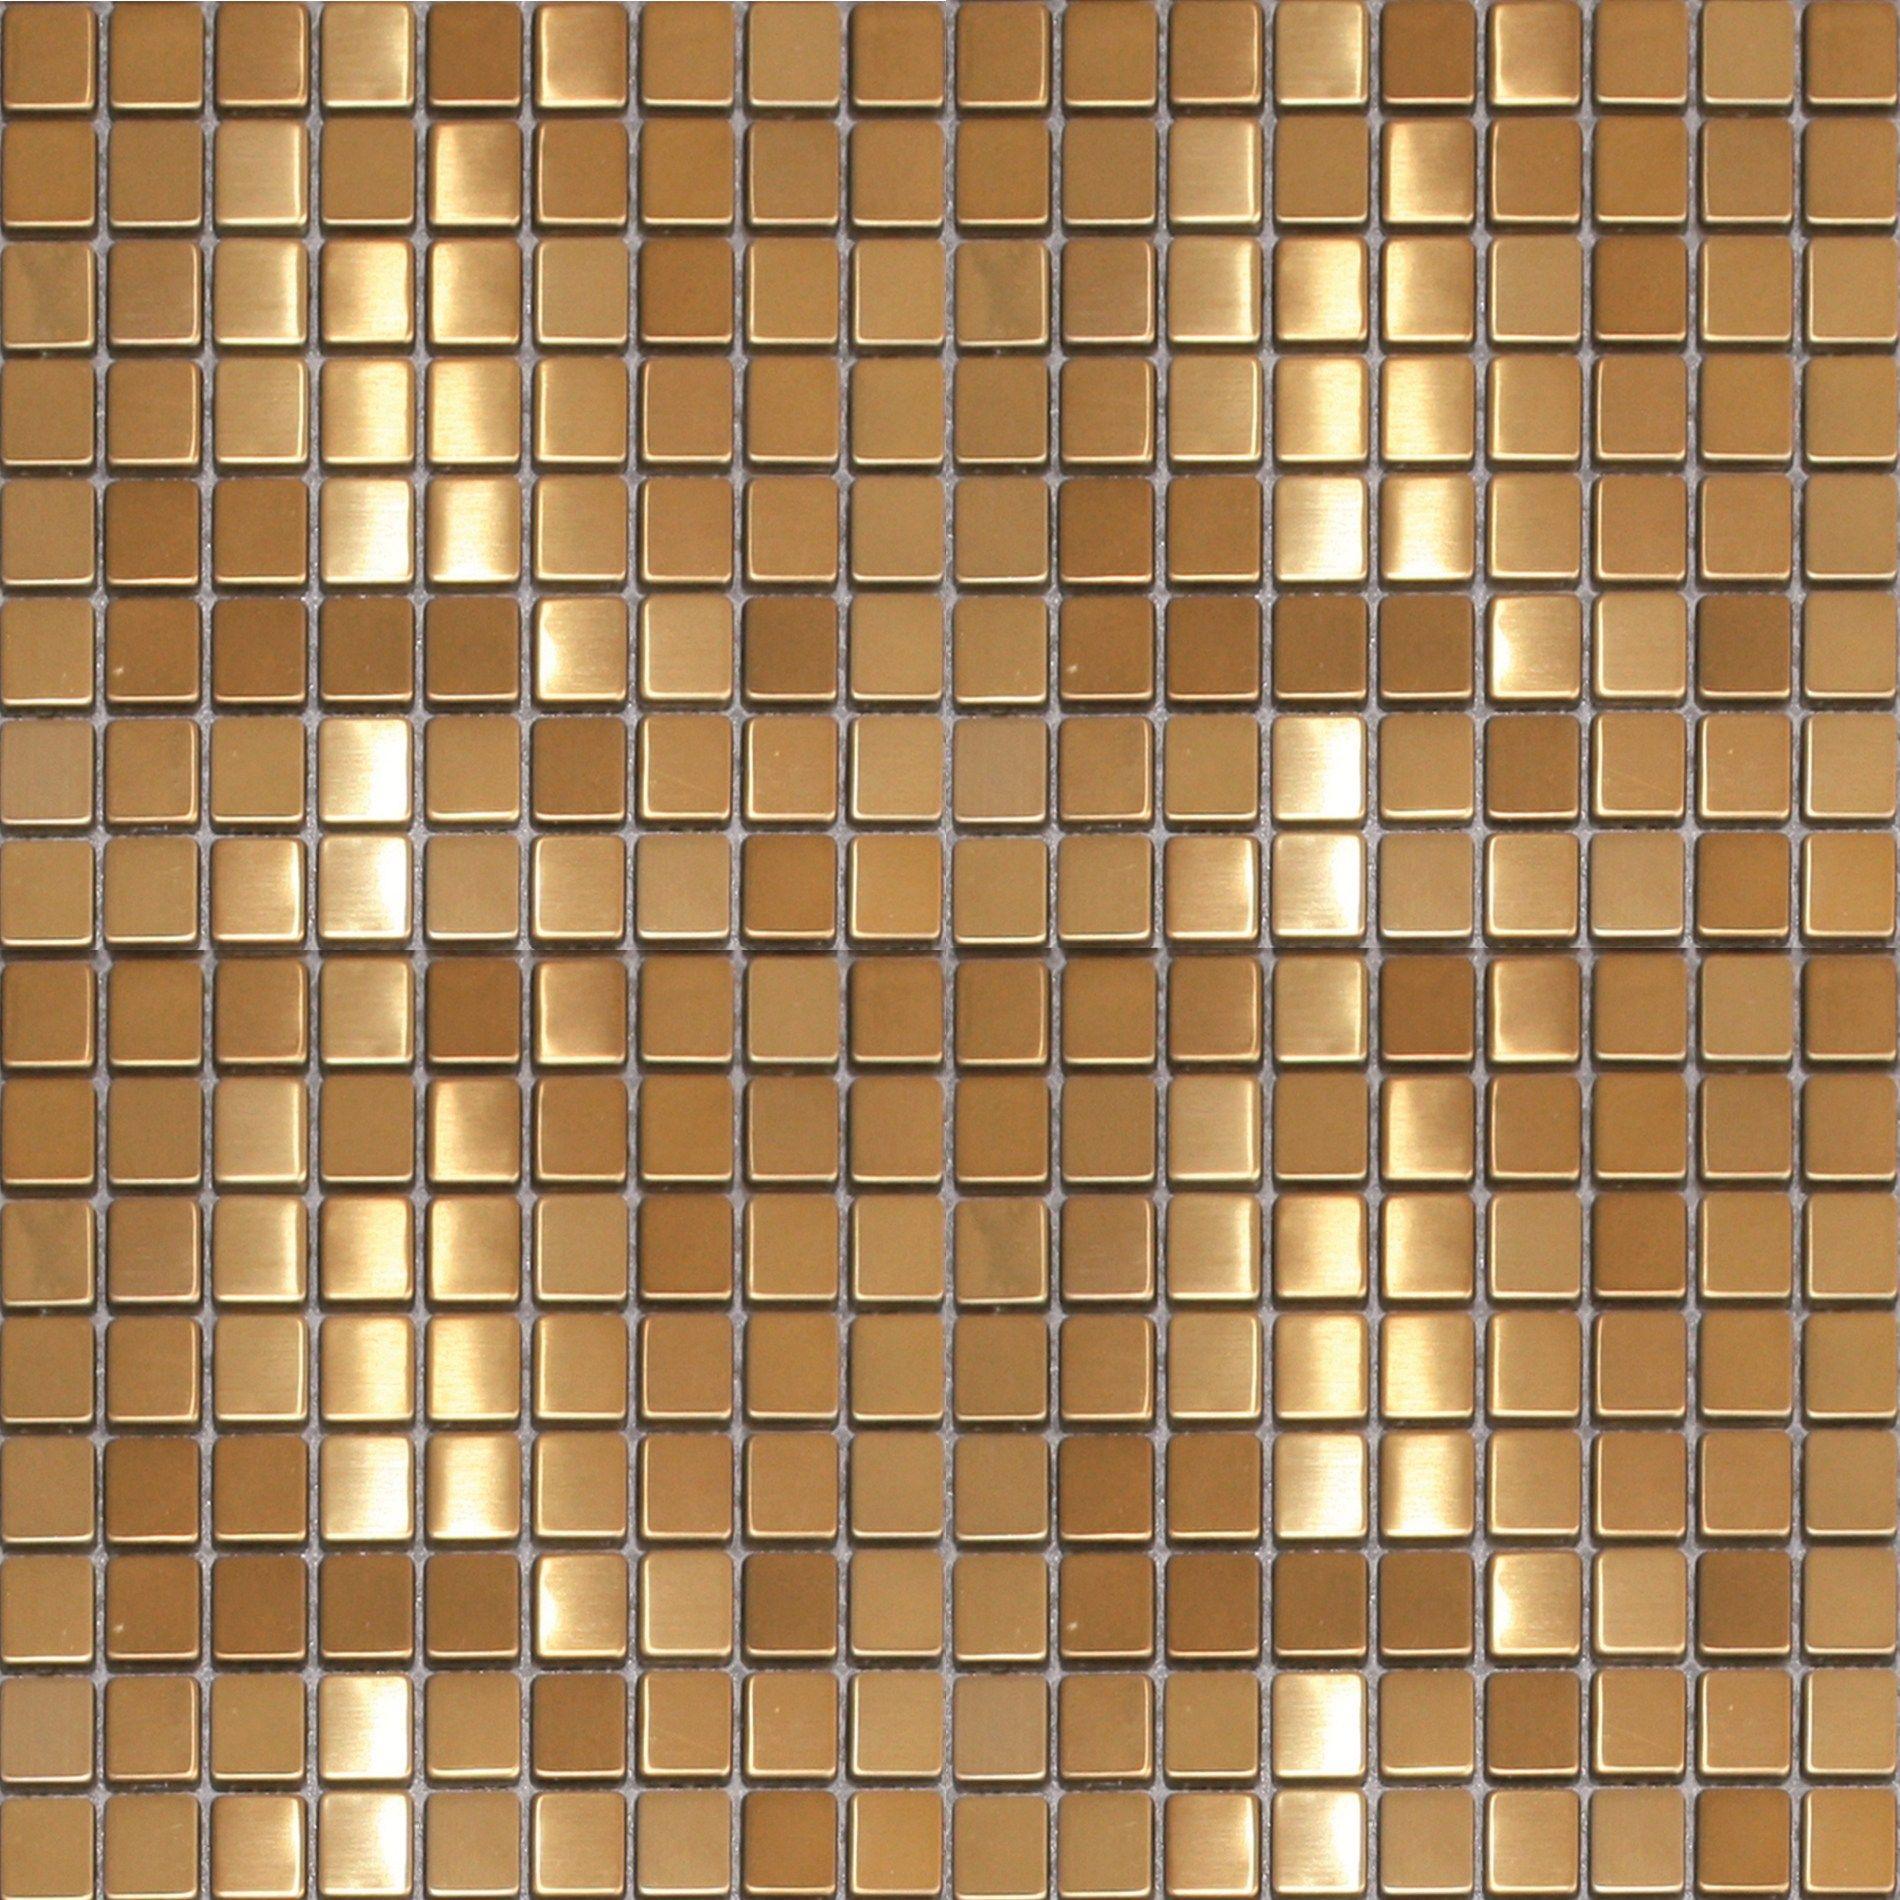 Snygg mosiak i guld! CC Höganäs Metallmosaik - Guld Metall Borstad ...